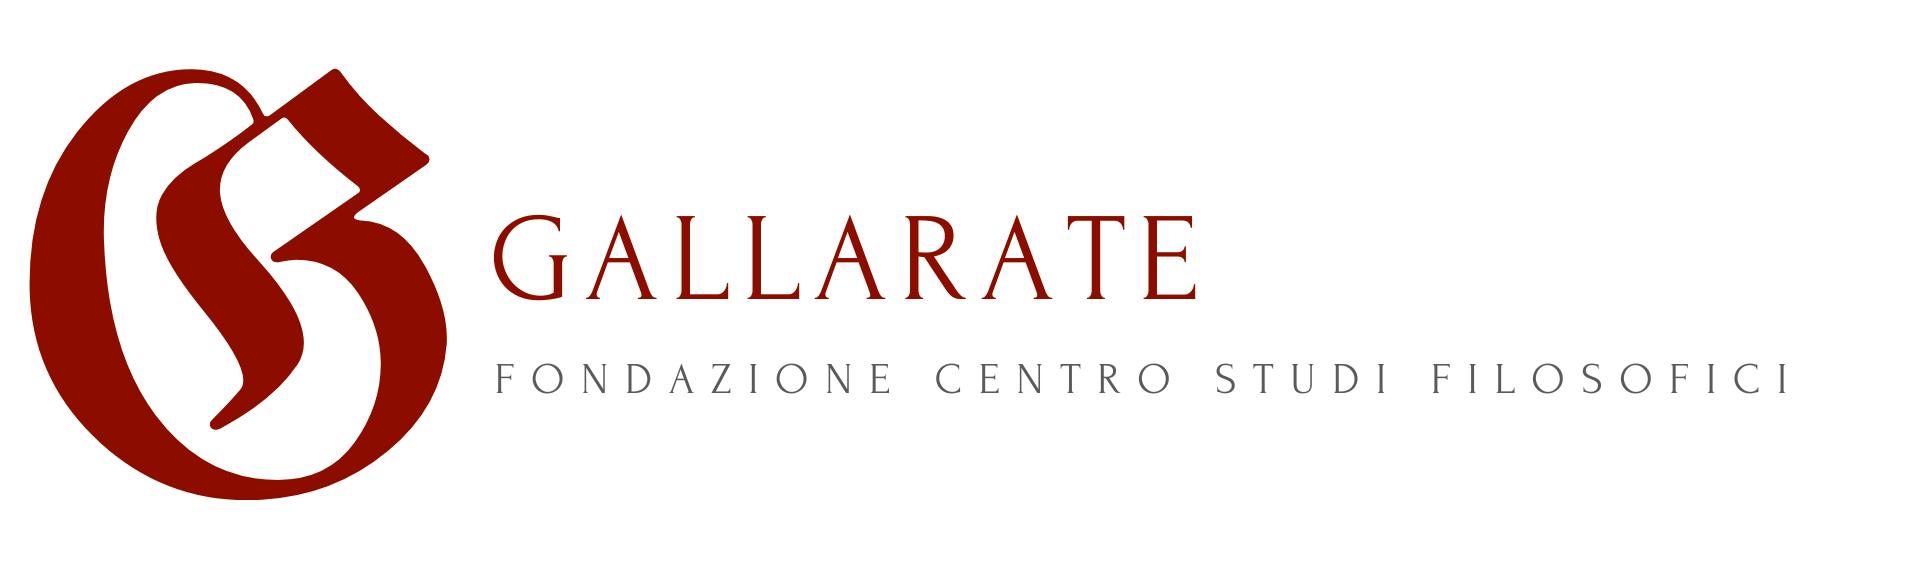 Fondazione Centro Studi Filosofici Gallarate